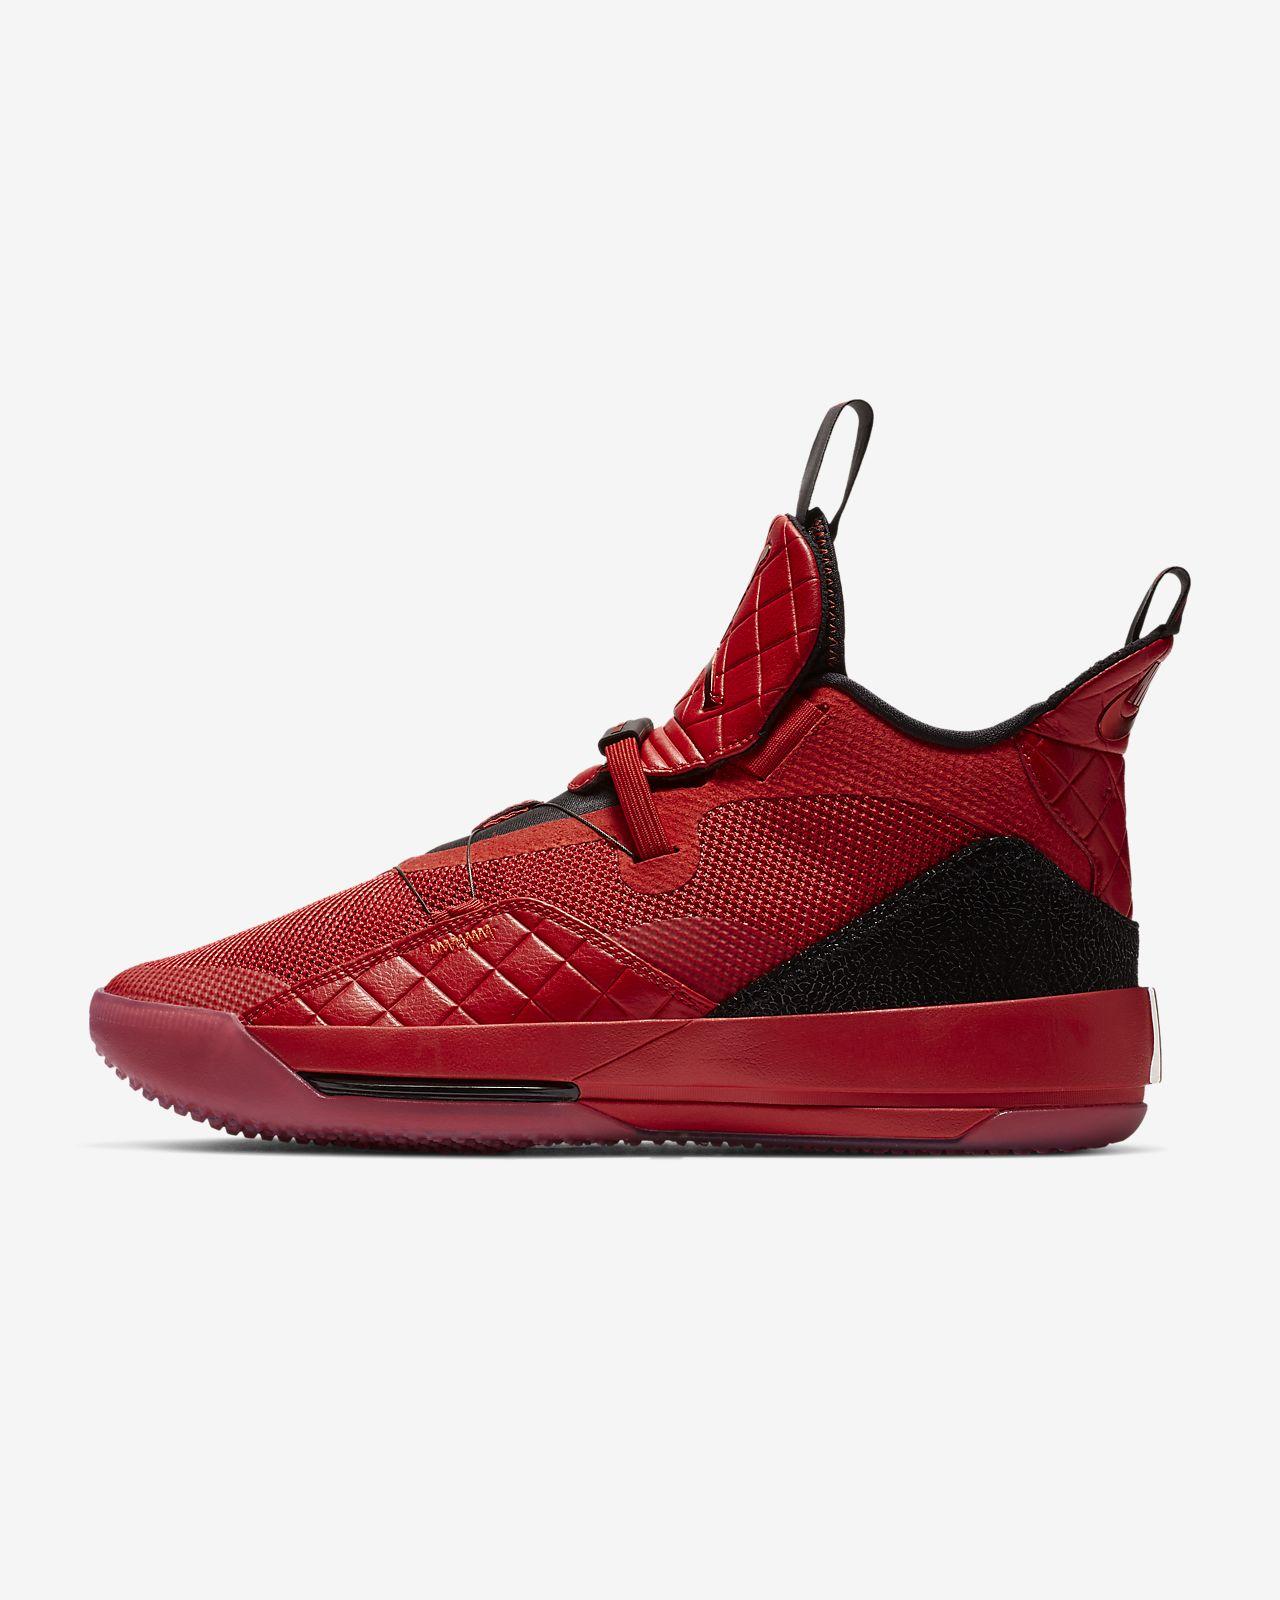 promo code a18fb 69d54 ... Chaussure de basketball Air Jordan XXXIII